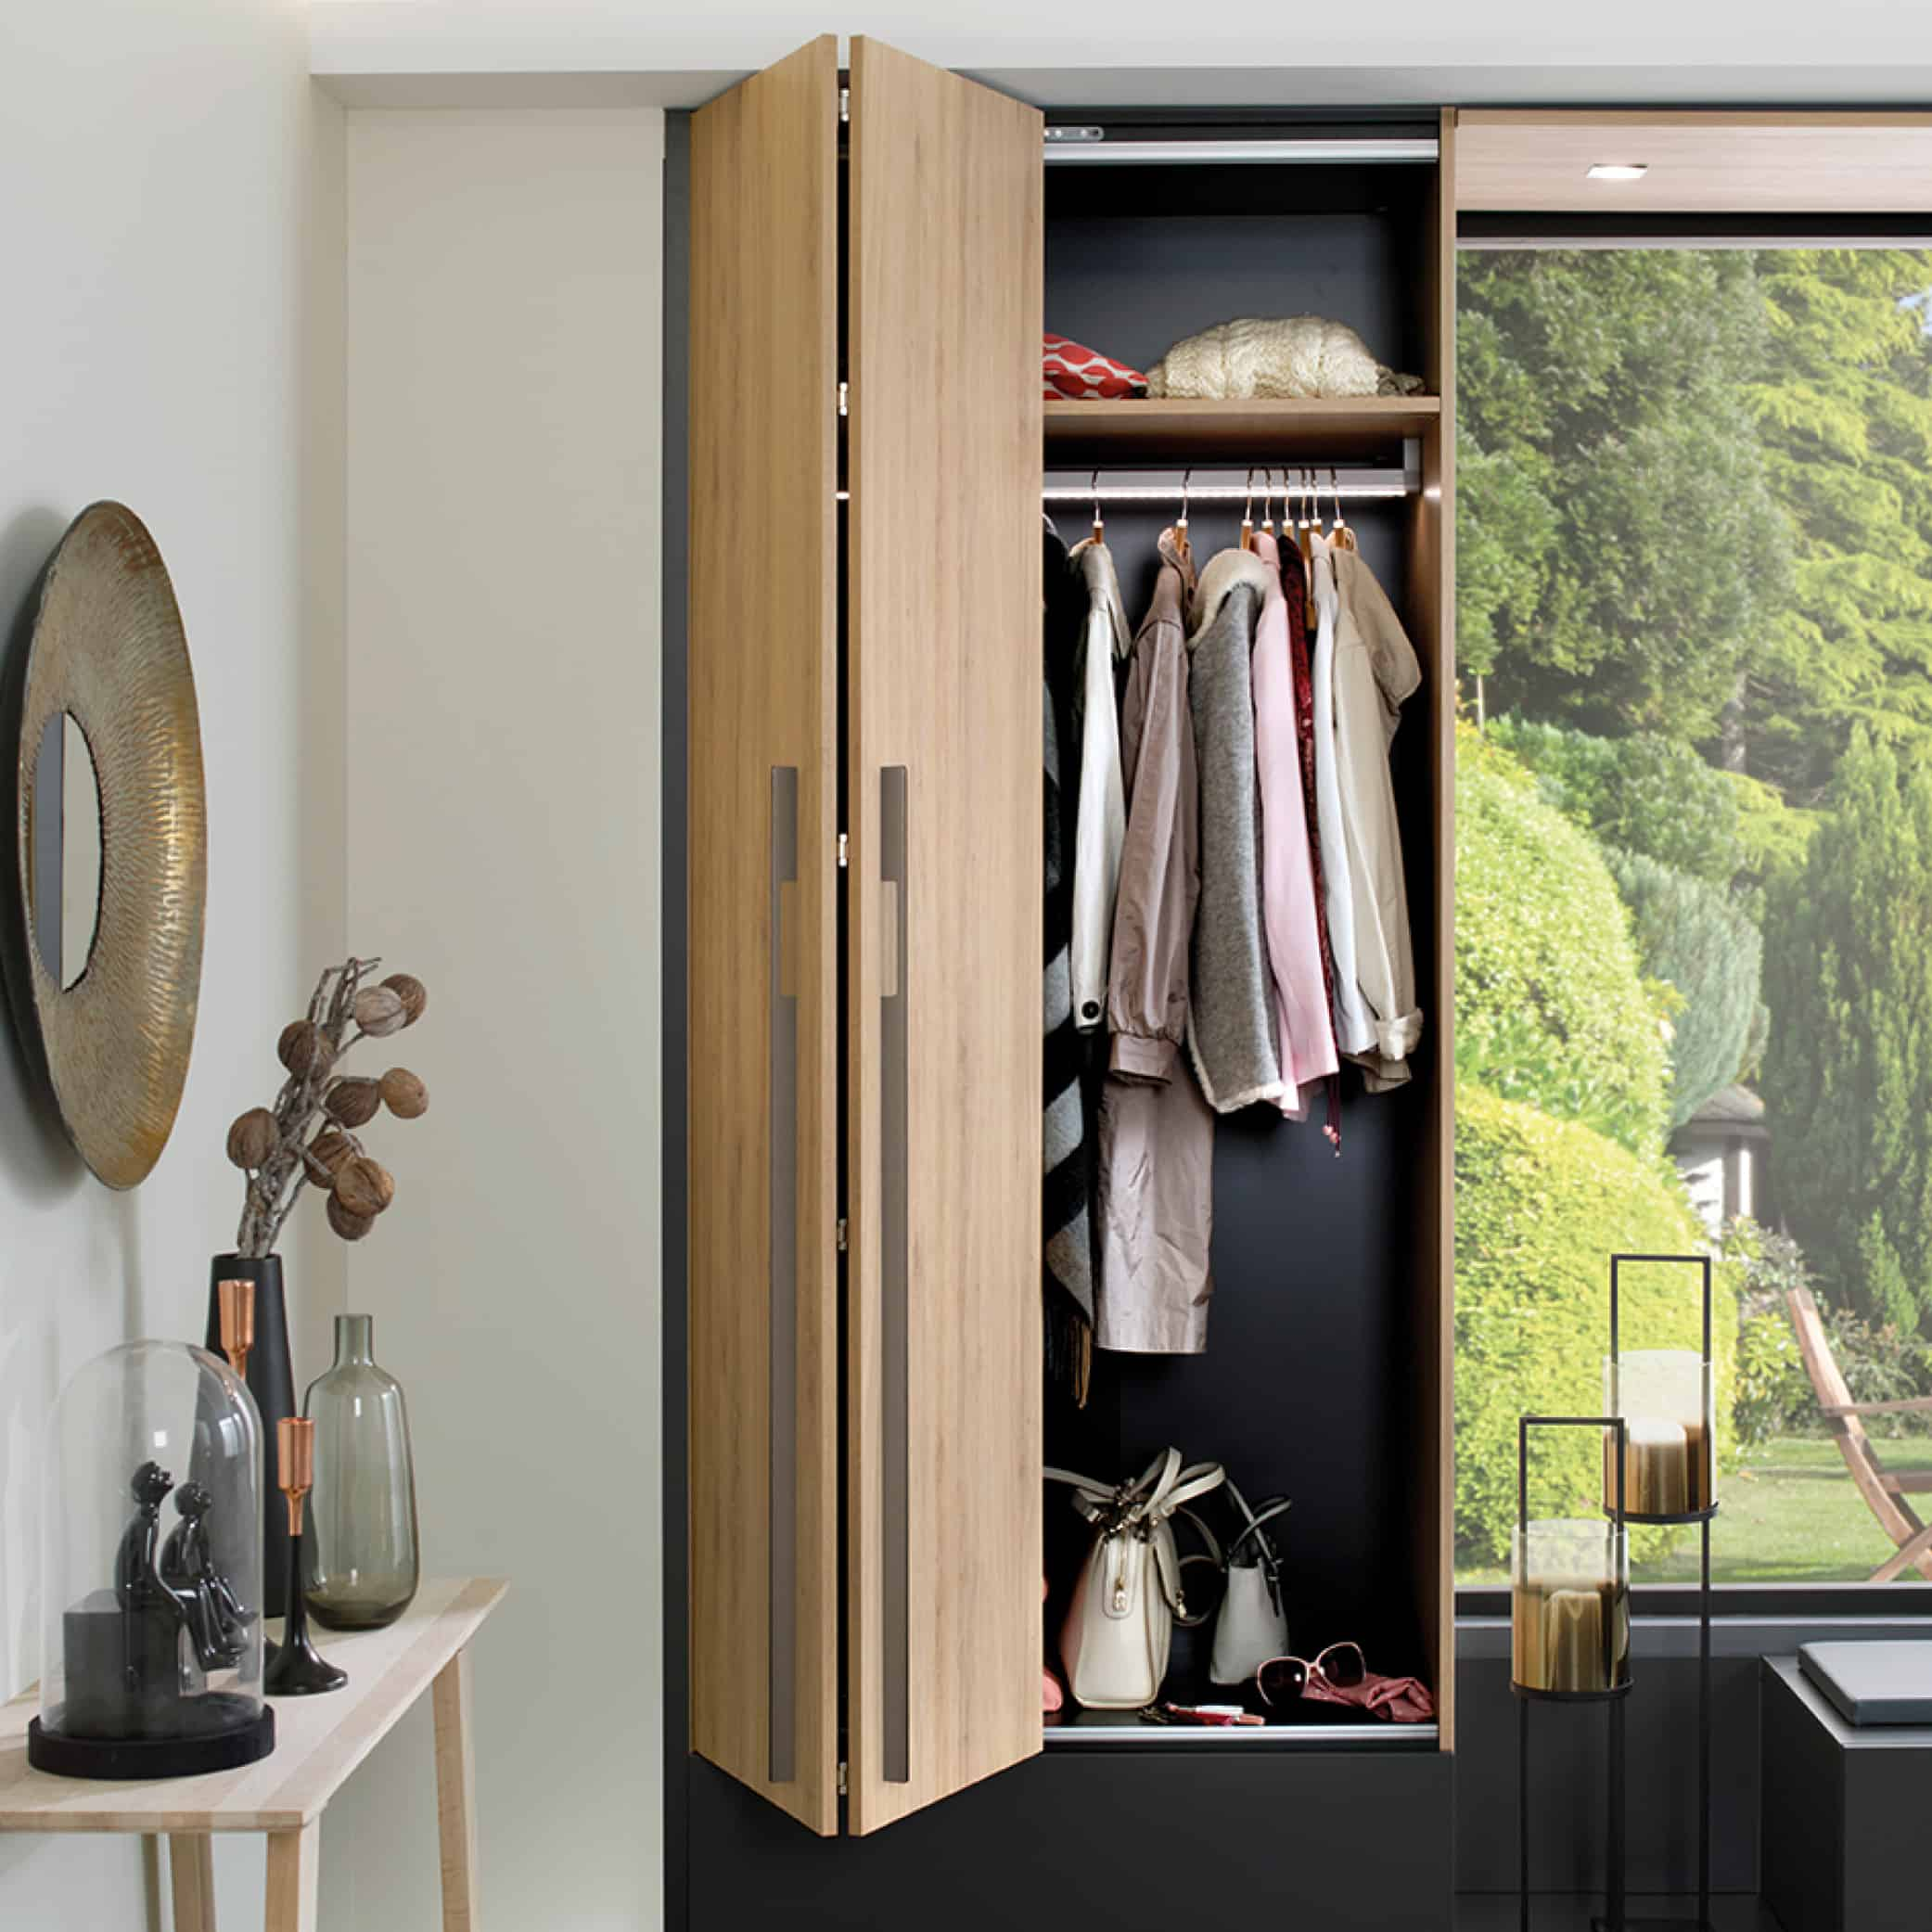 Kjempebra Garderobe og entré innredning til hjemmet ditt | Schmidt Kjøkken SK-84